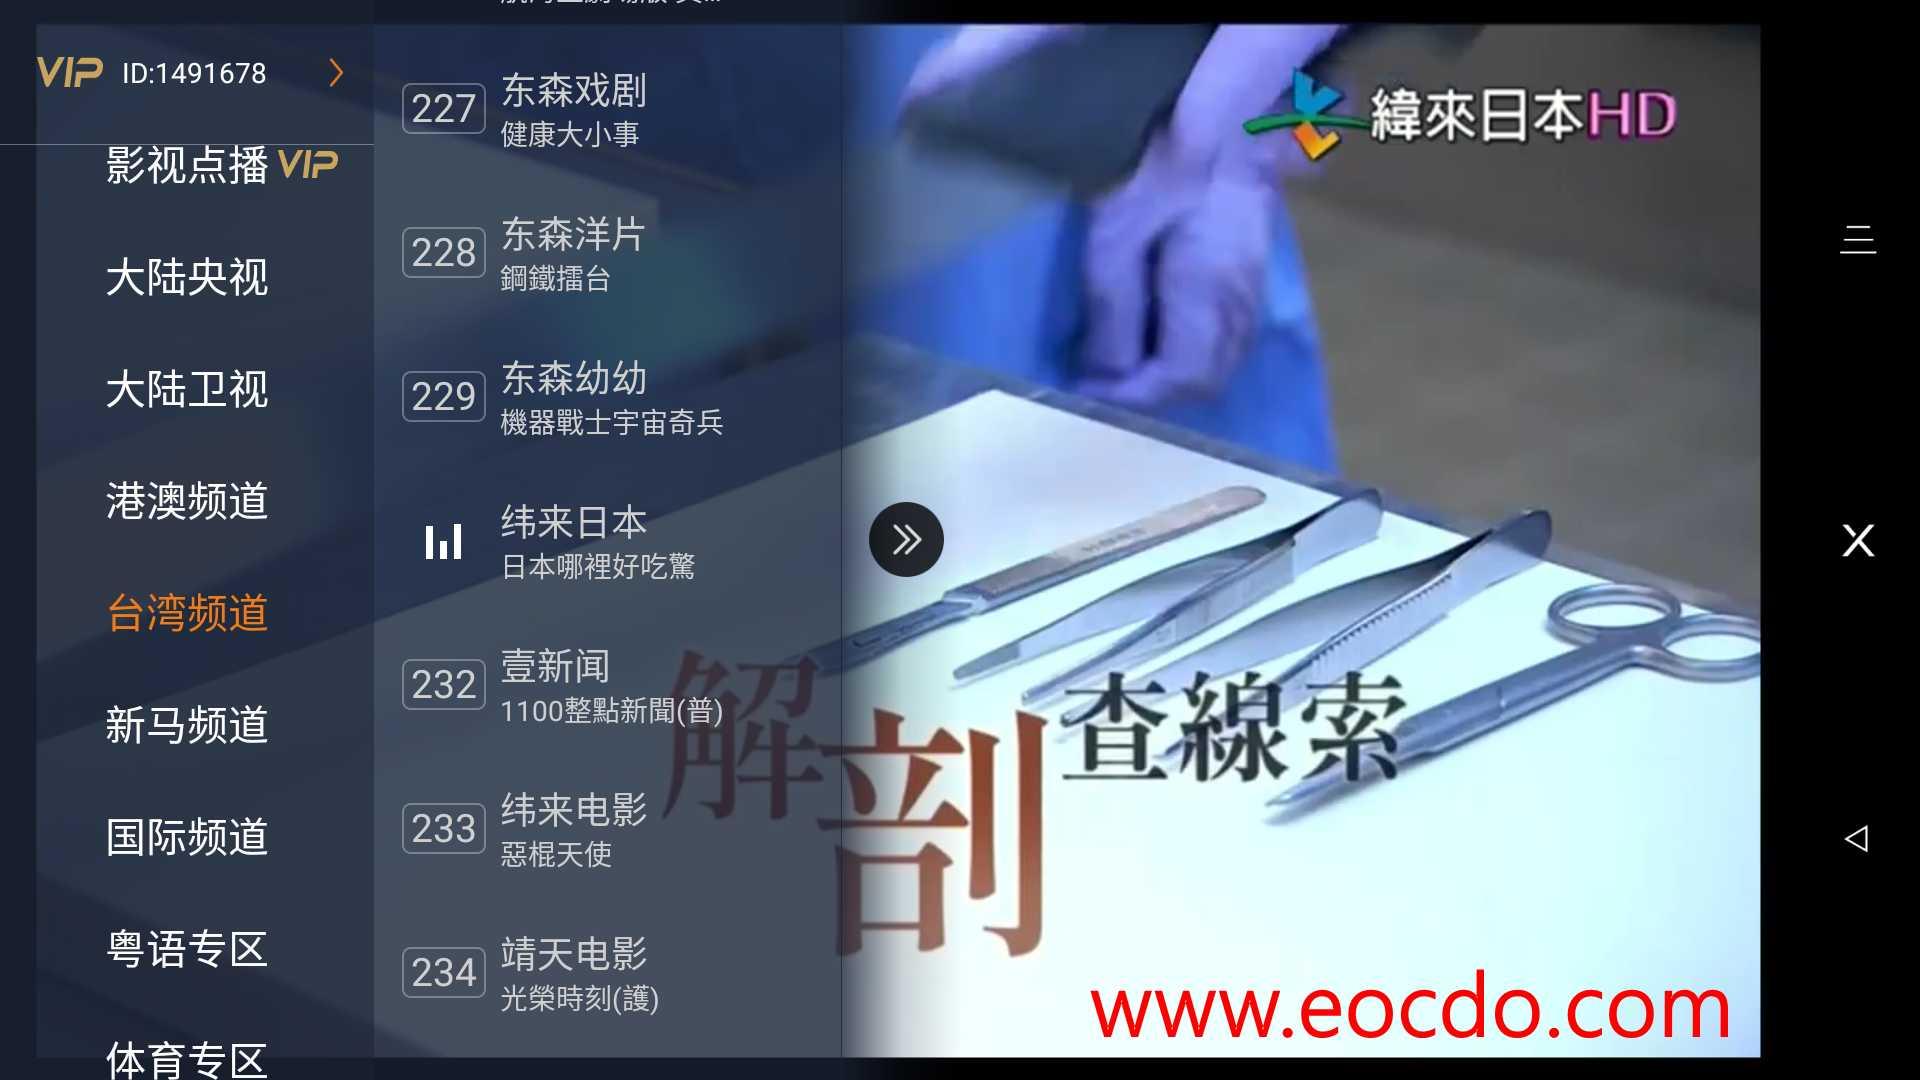 哥伦布VIP典藏版 港台电视直播 新加坡电视 马来电视直播